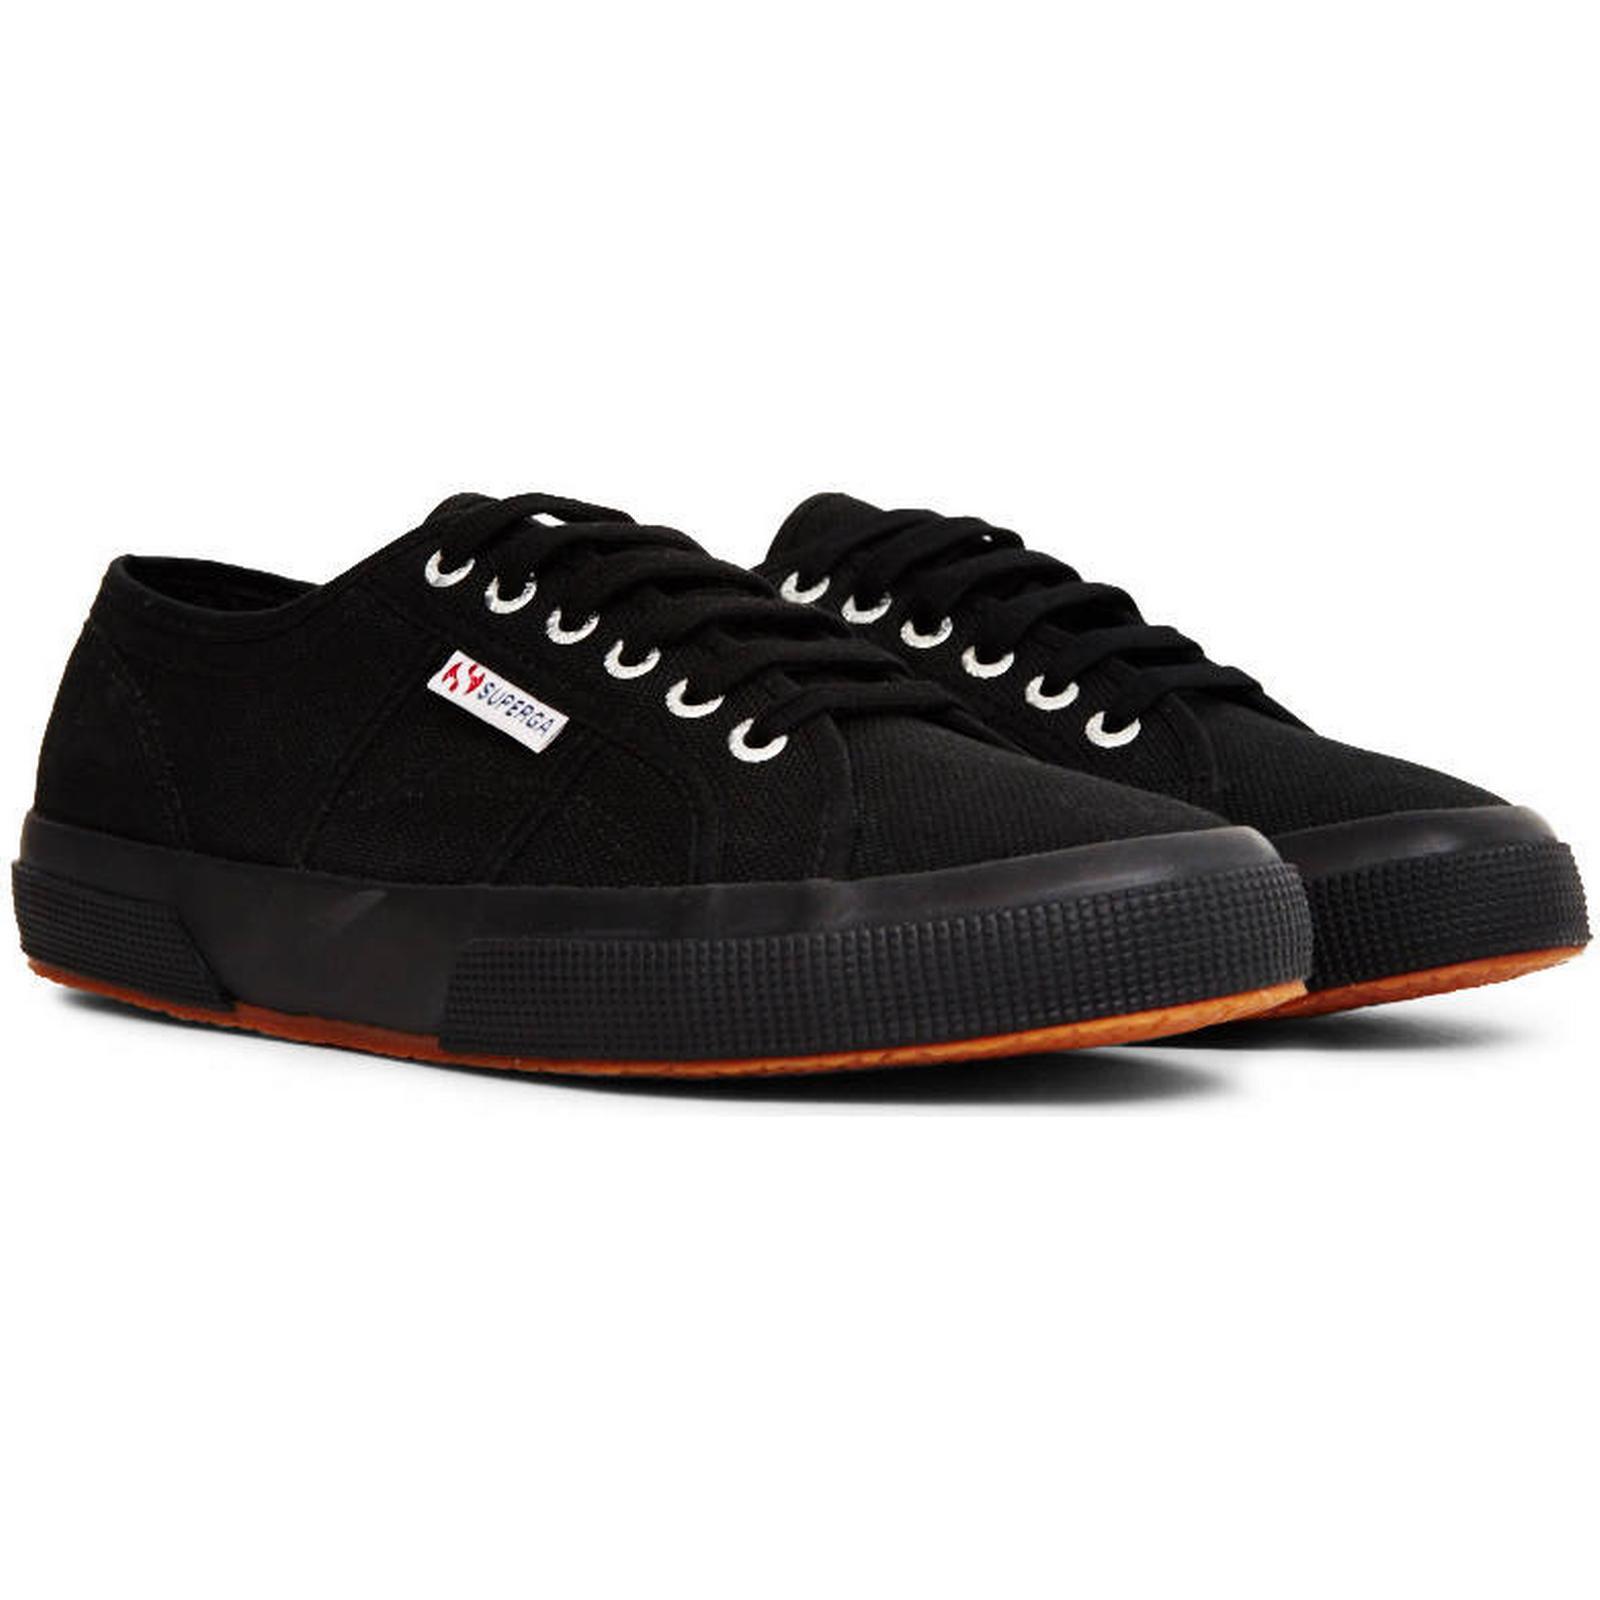 Superga Black 2750 Cotu Classic Plimsolls Black Superga d707d1